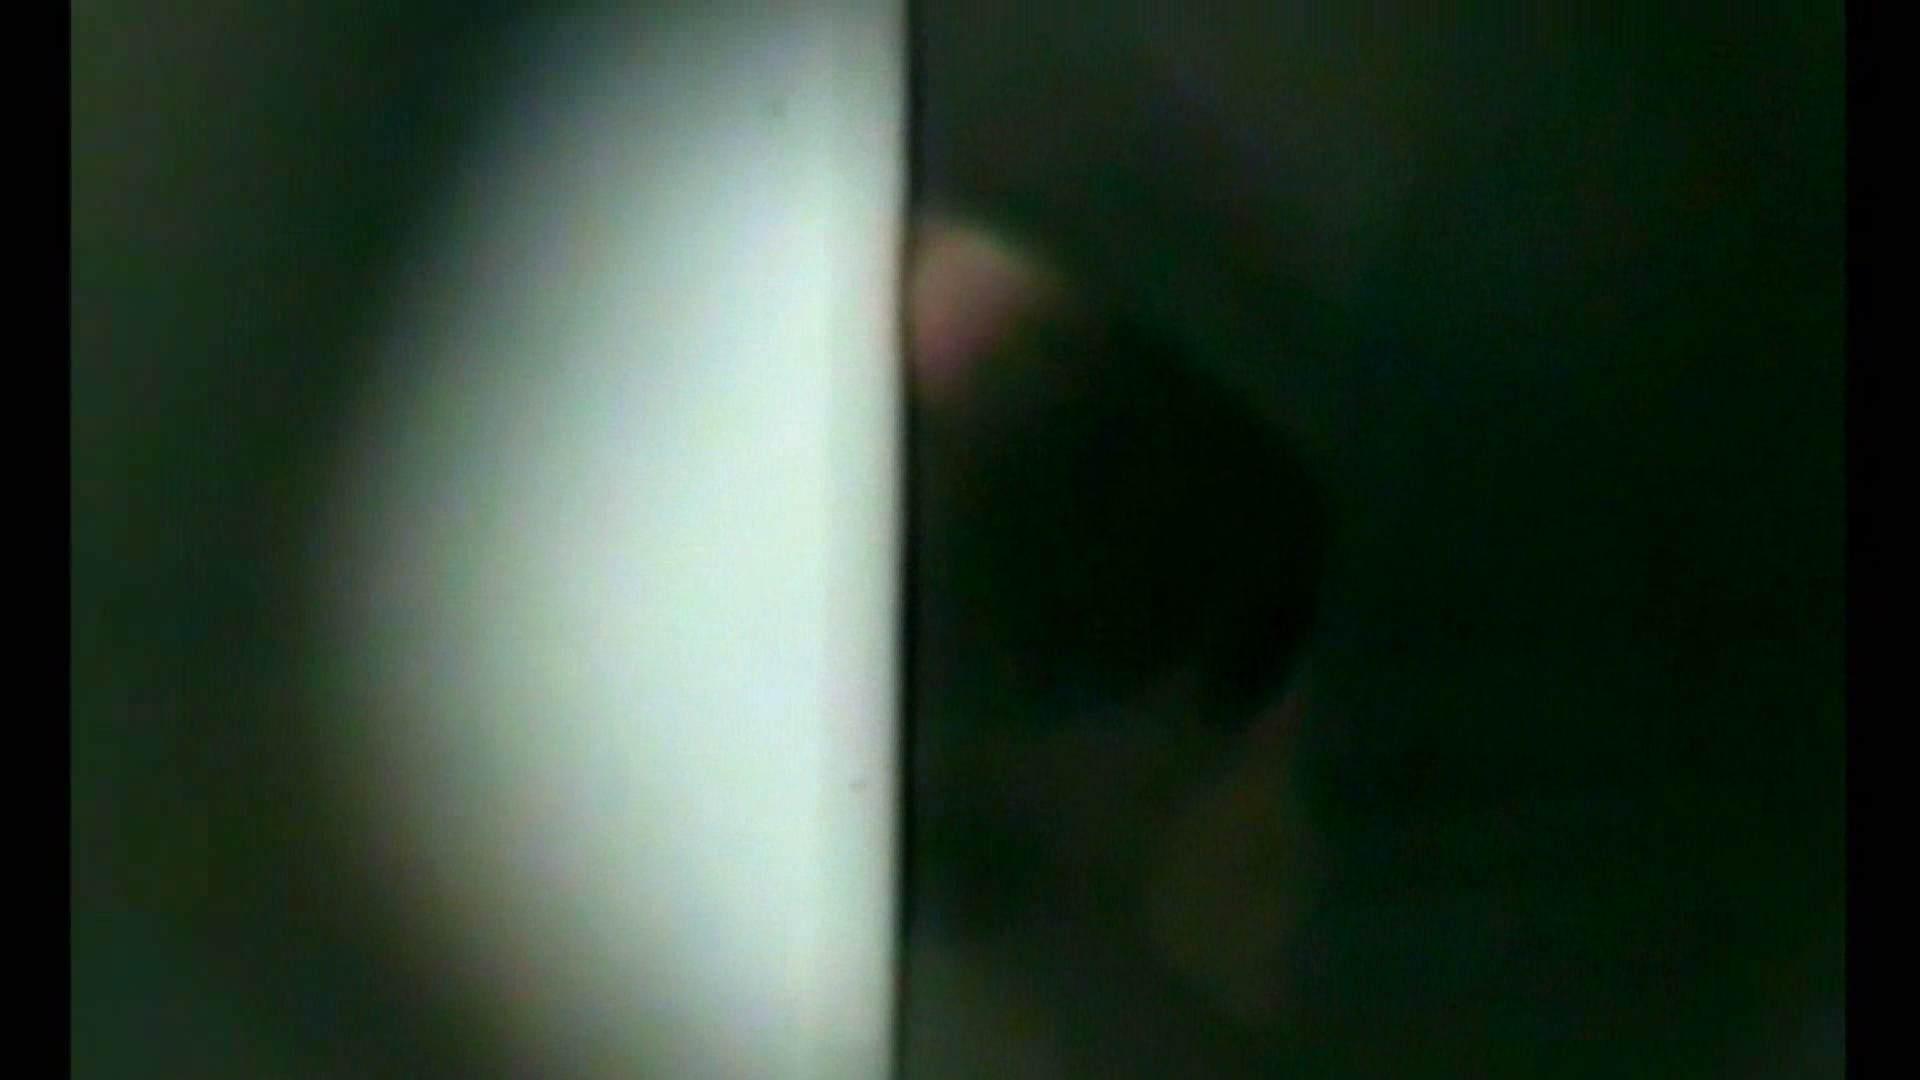 イケメンの素顔in洗面所 Vol.16 男天国 | イケメンのsex  109pic 61